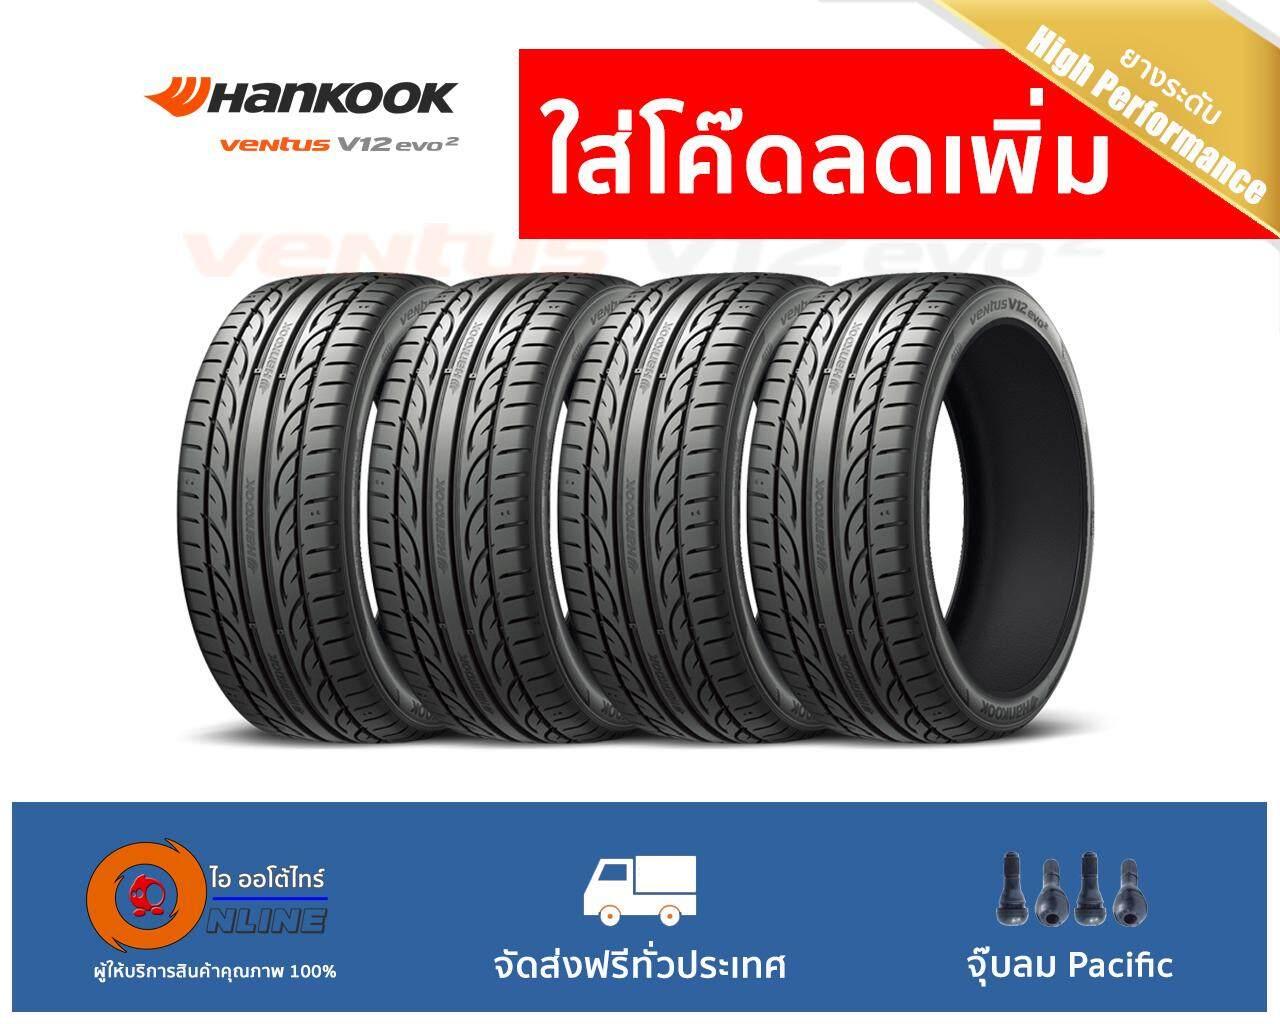 ประกันภัย รถยนต์ 3 พลัส ราคา ถูก สุรินทร์ Hankook V12 ขนาด 195/55/15 (4 เส้น)